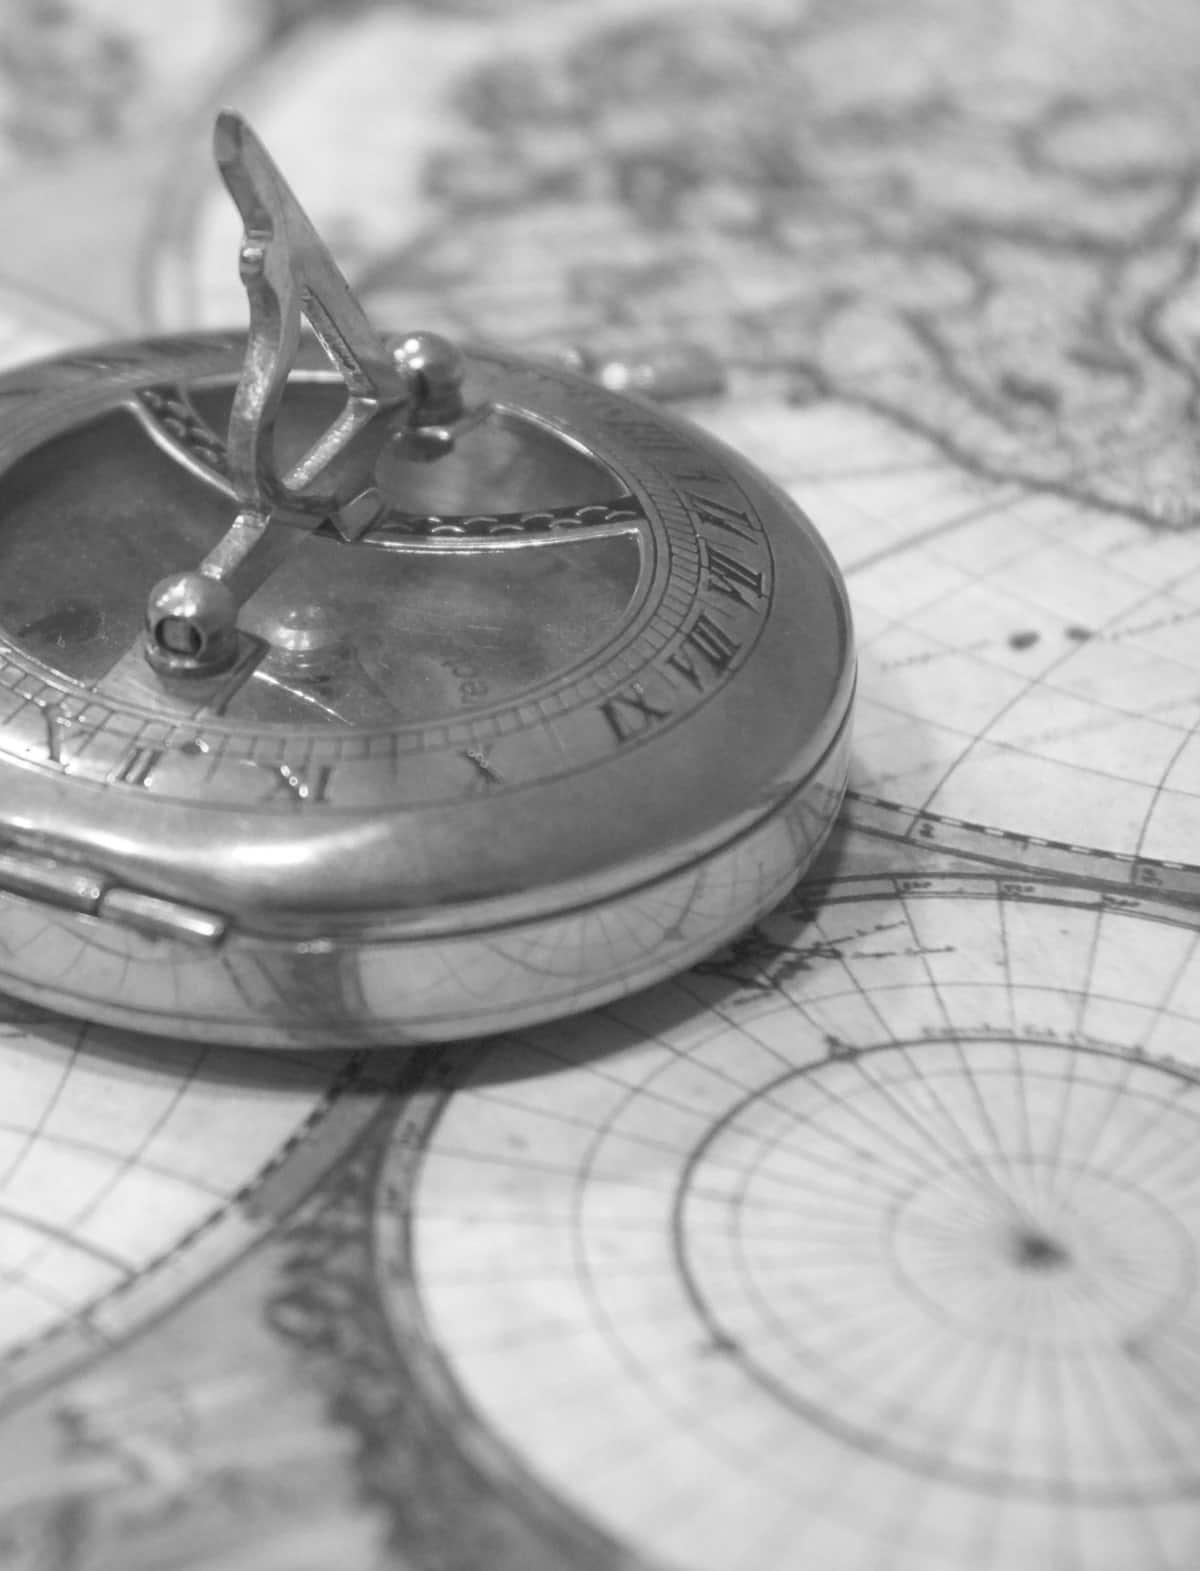 Kompass schwarz-weiß